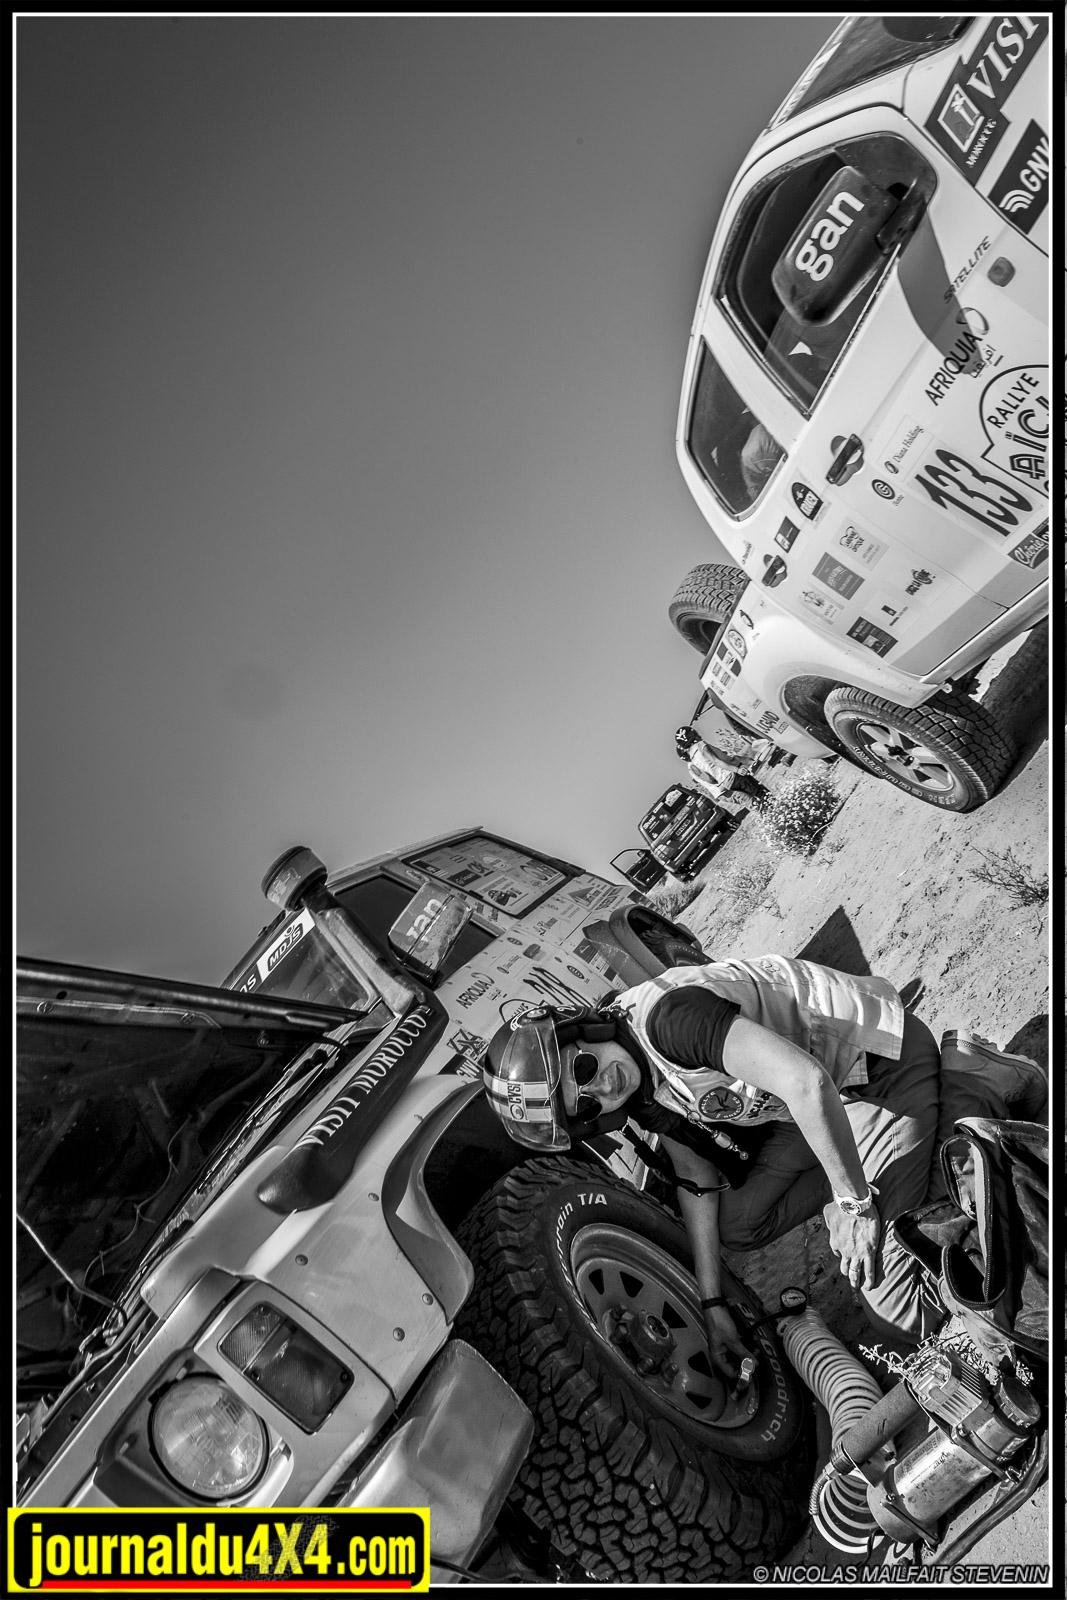 rallye-aicha-gazelles-maroc-2017-7759.jpg